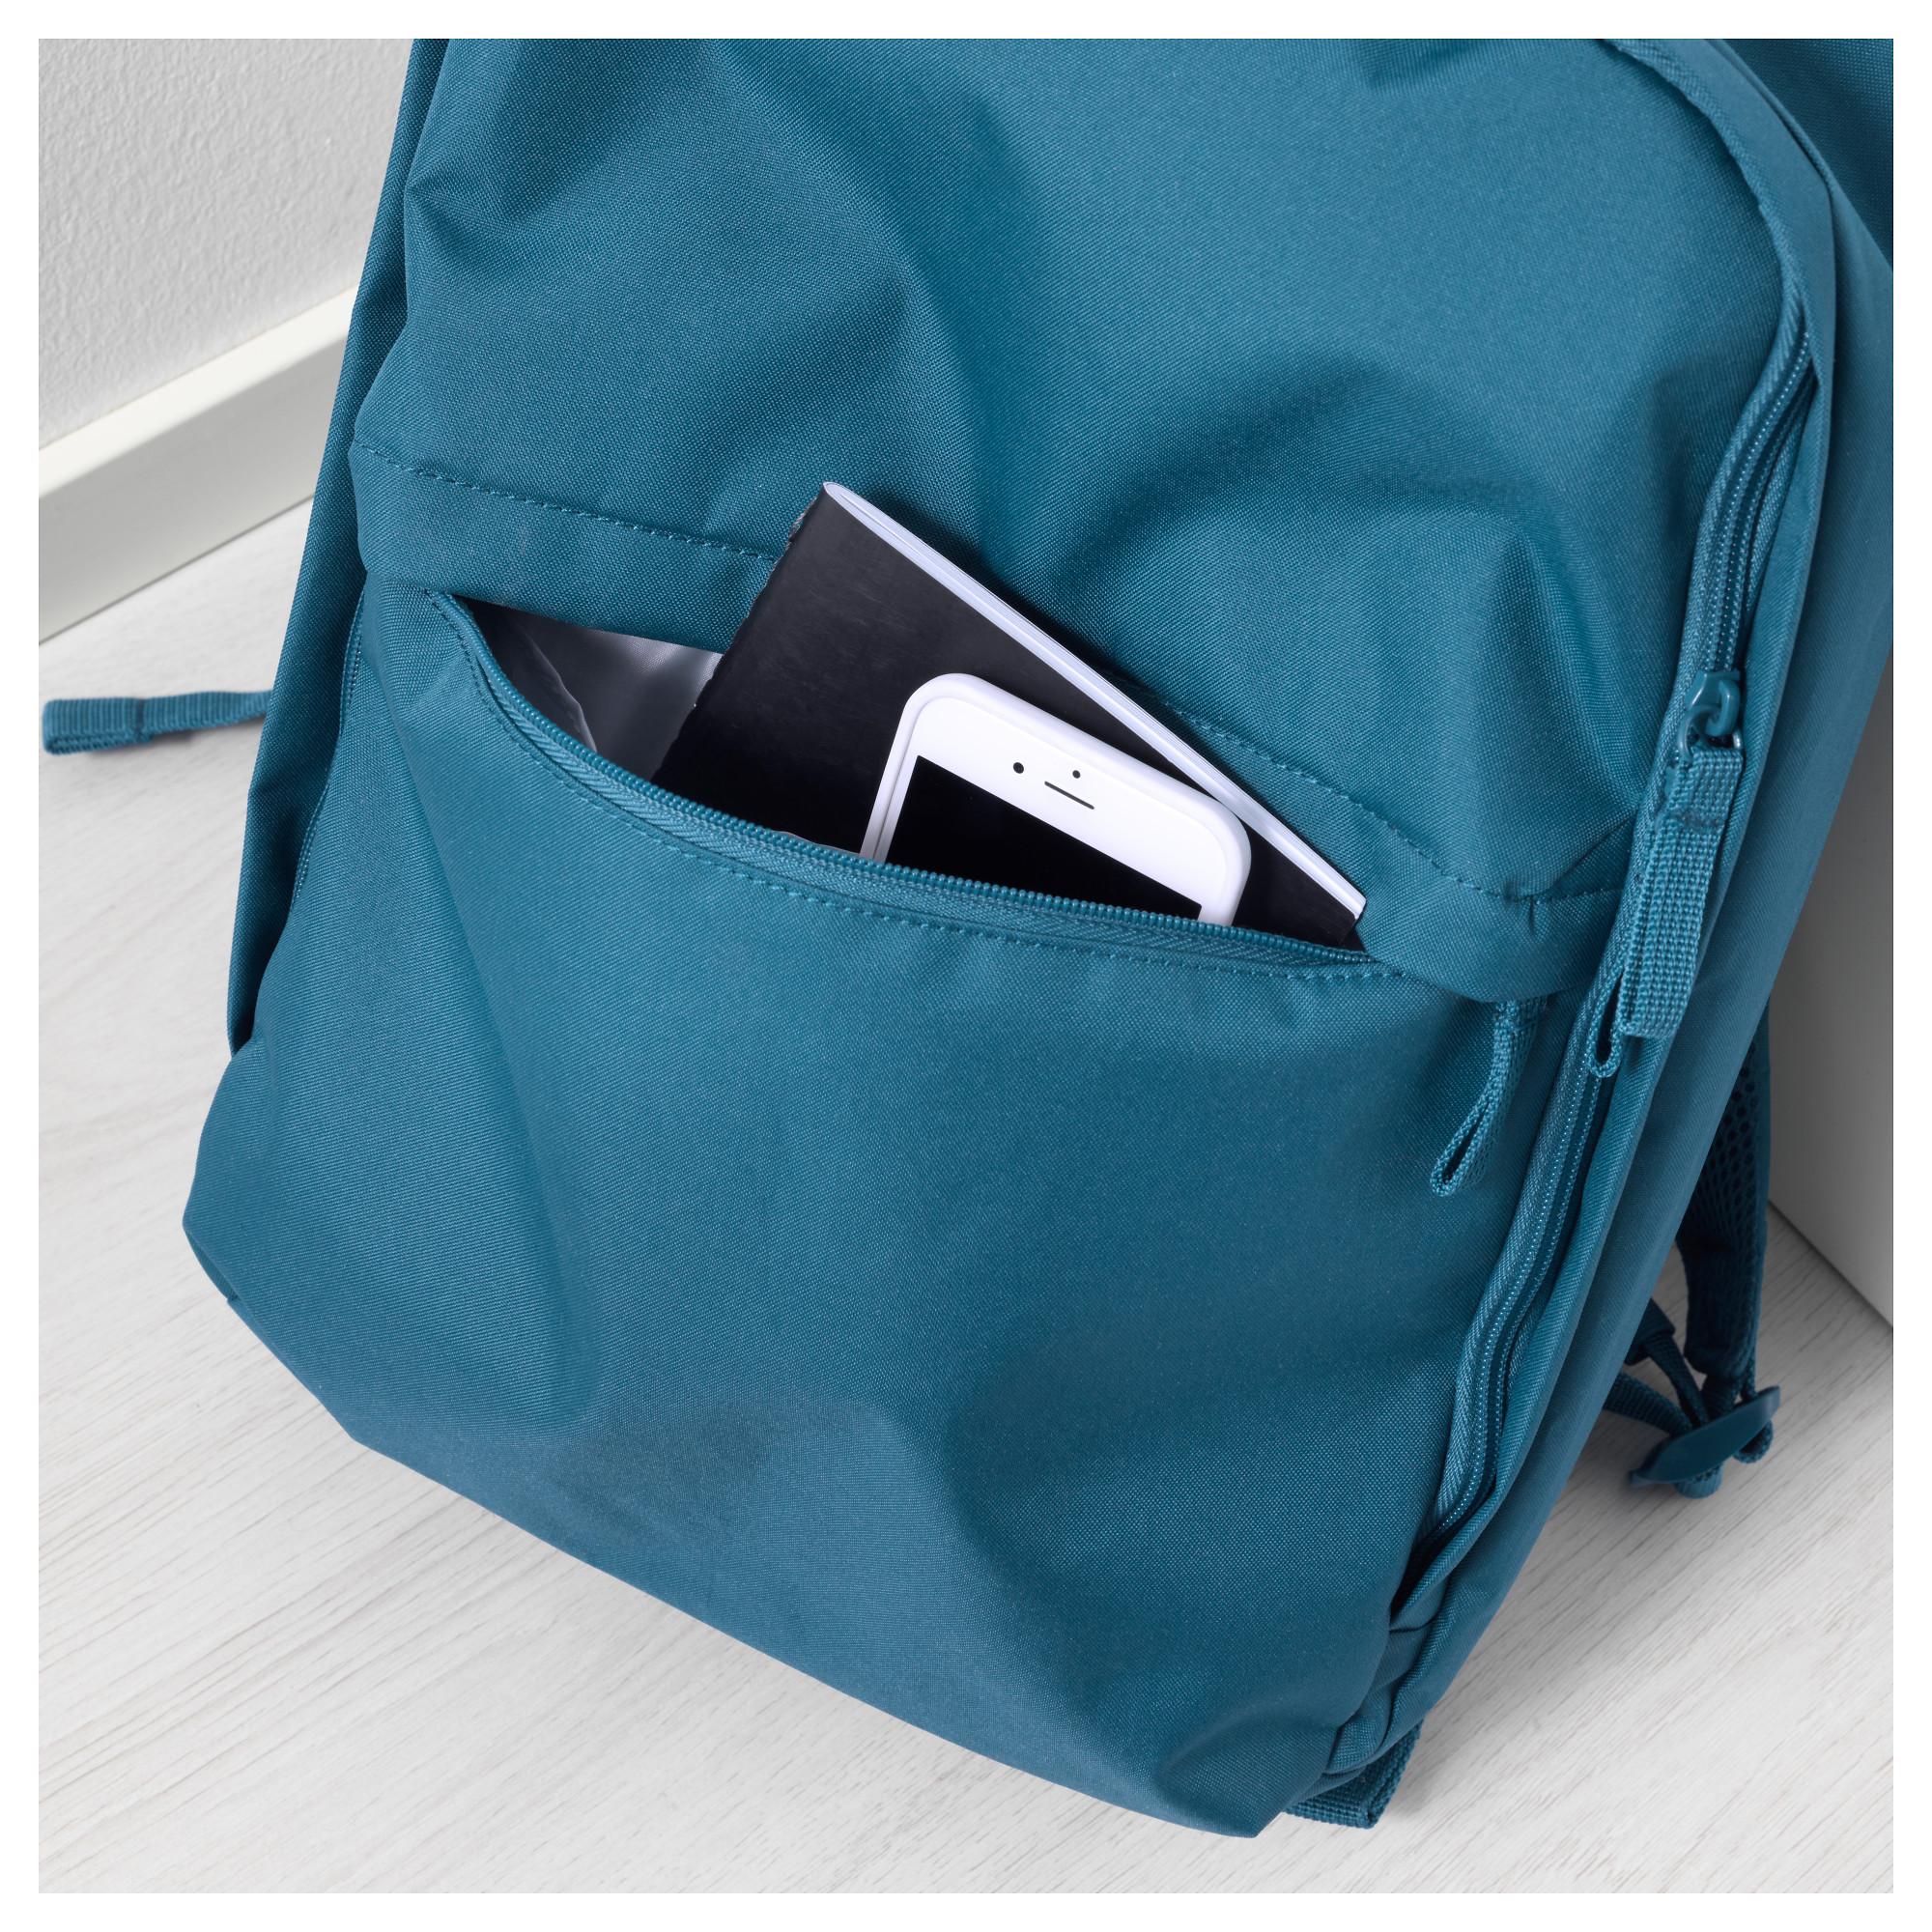 Рюкзаки онлайн беларусь как сделать рюкзак в майнкрафте фото